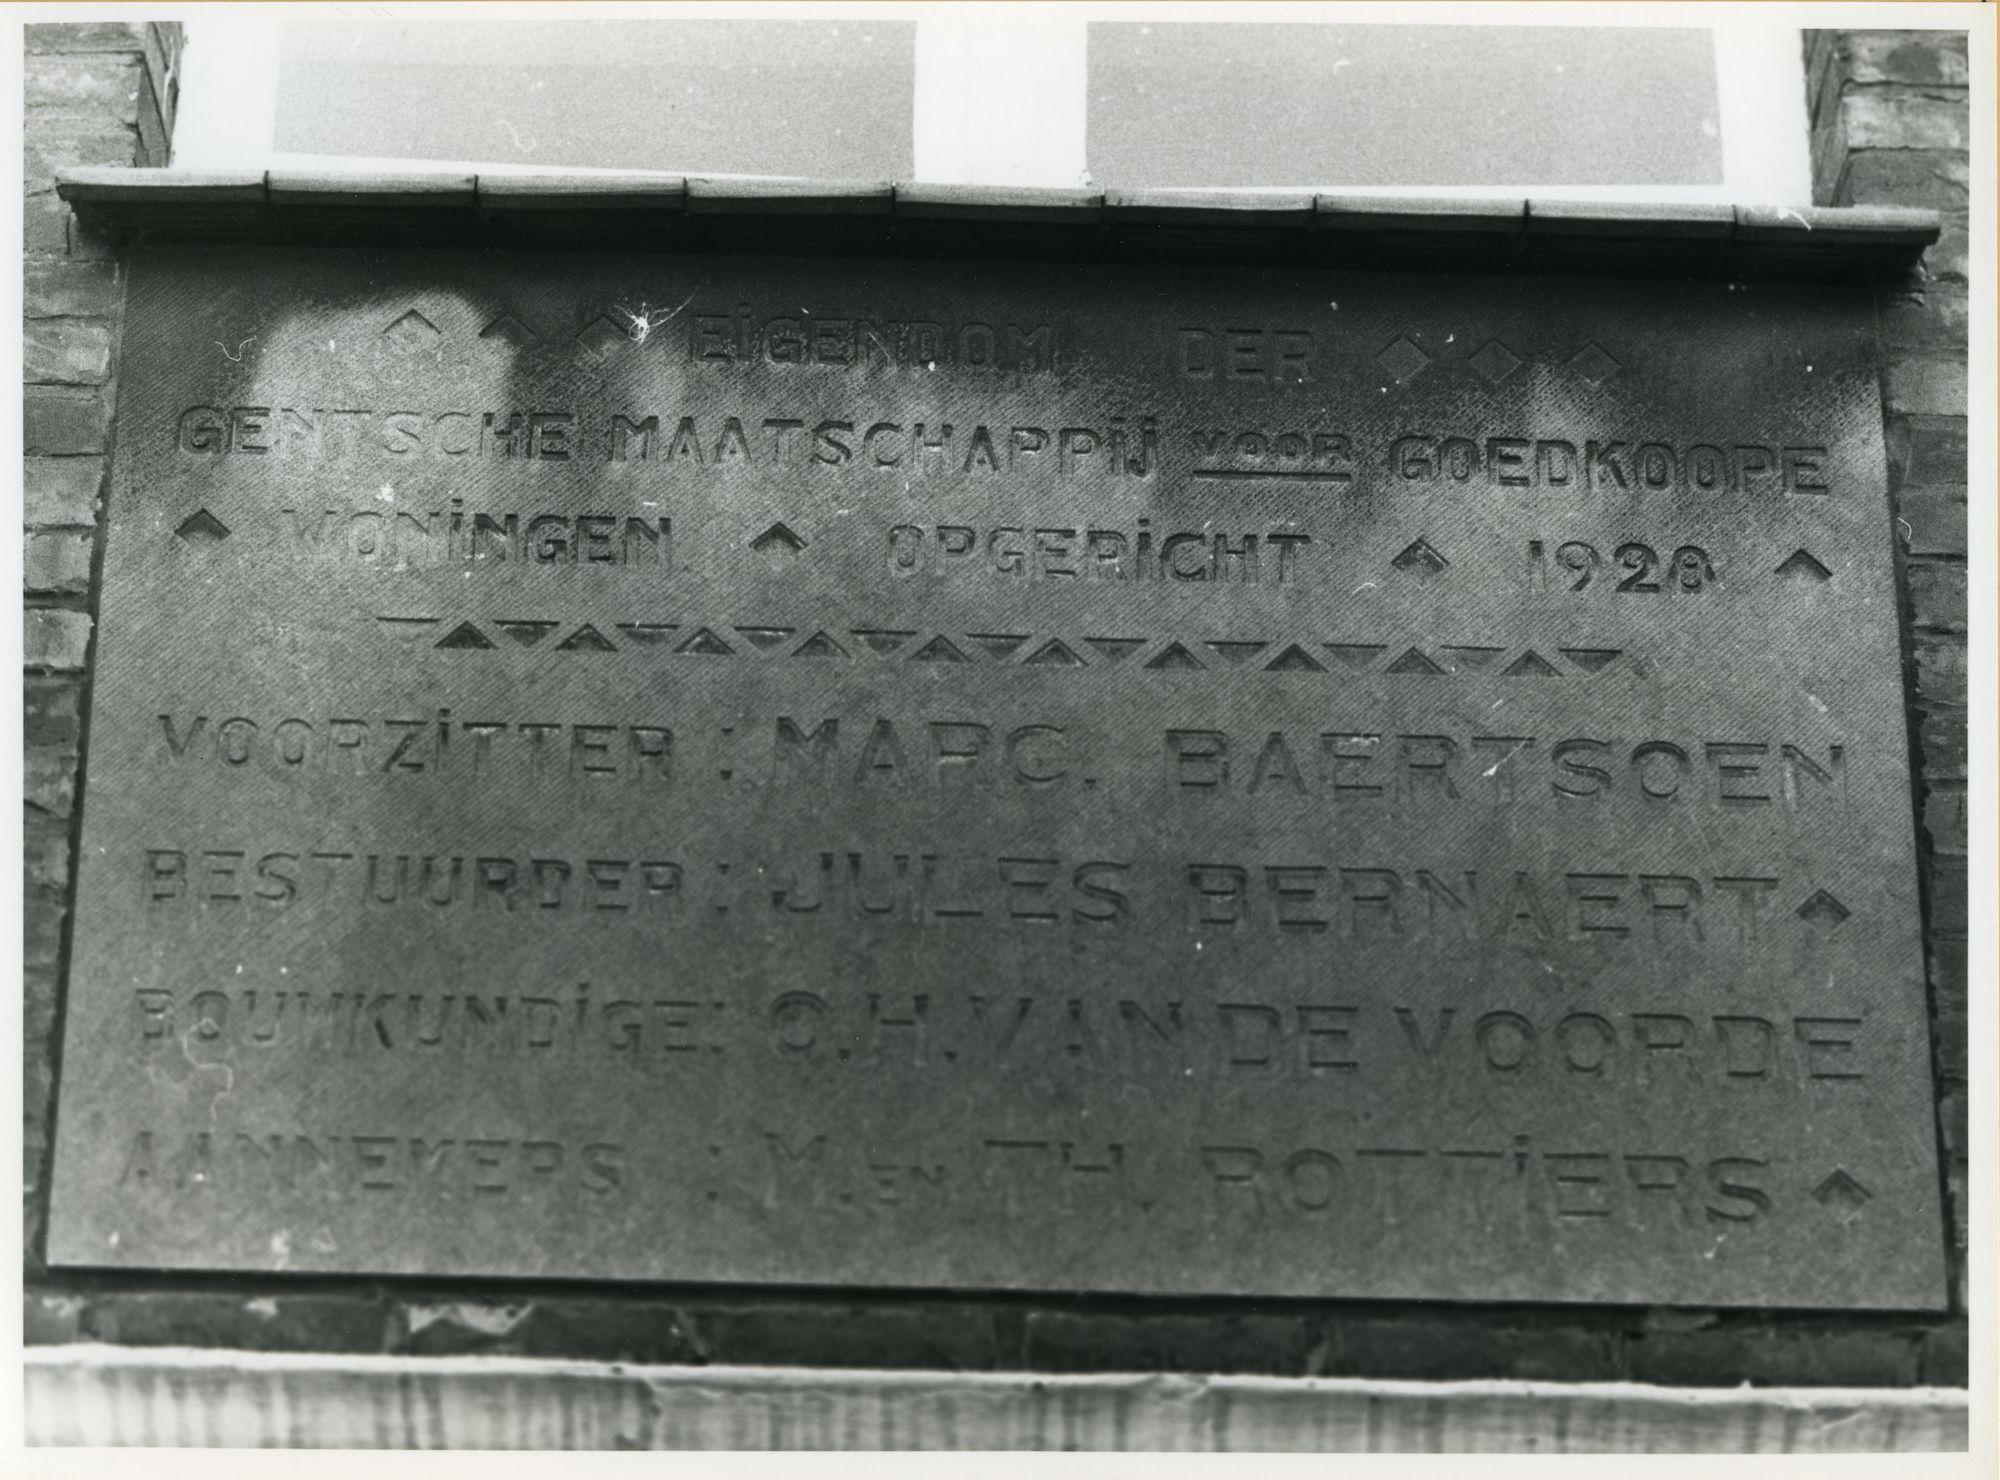 Gent: Zonnebloemstraat: Gedenksteen, 1979